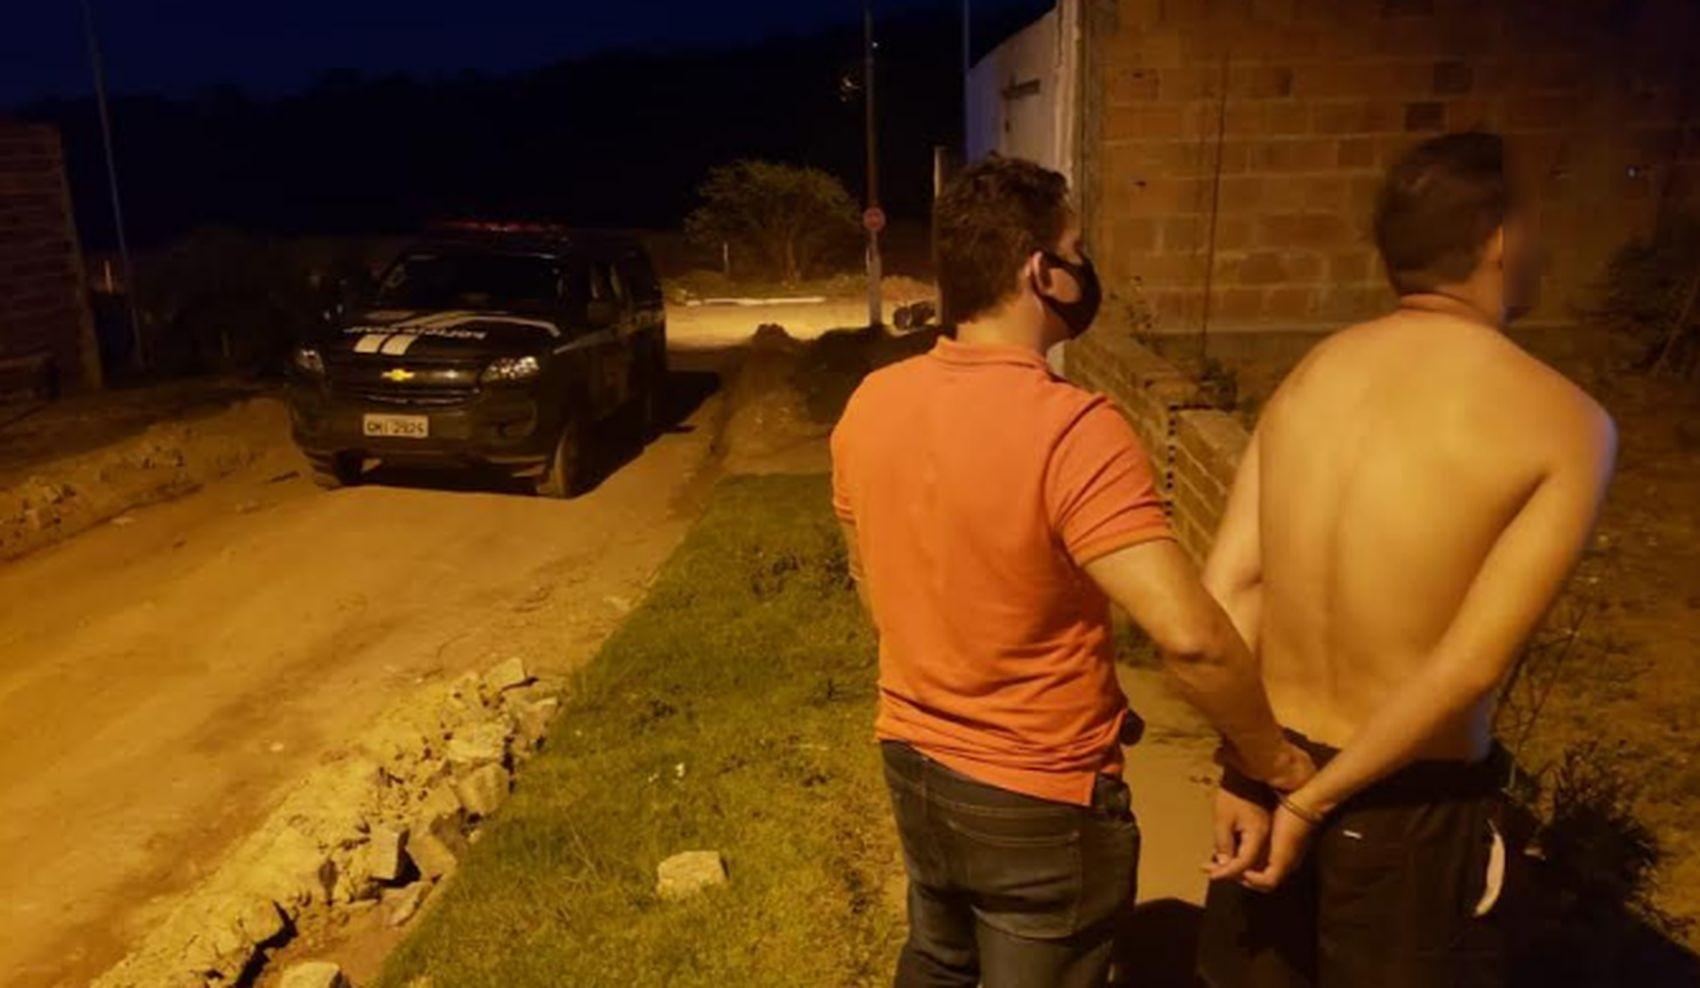 Suspeito de tentativa de estupro contra jovem é preso em Estância